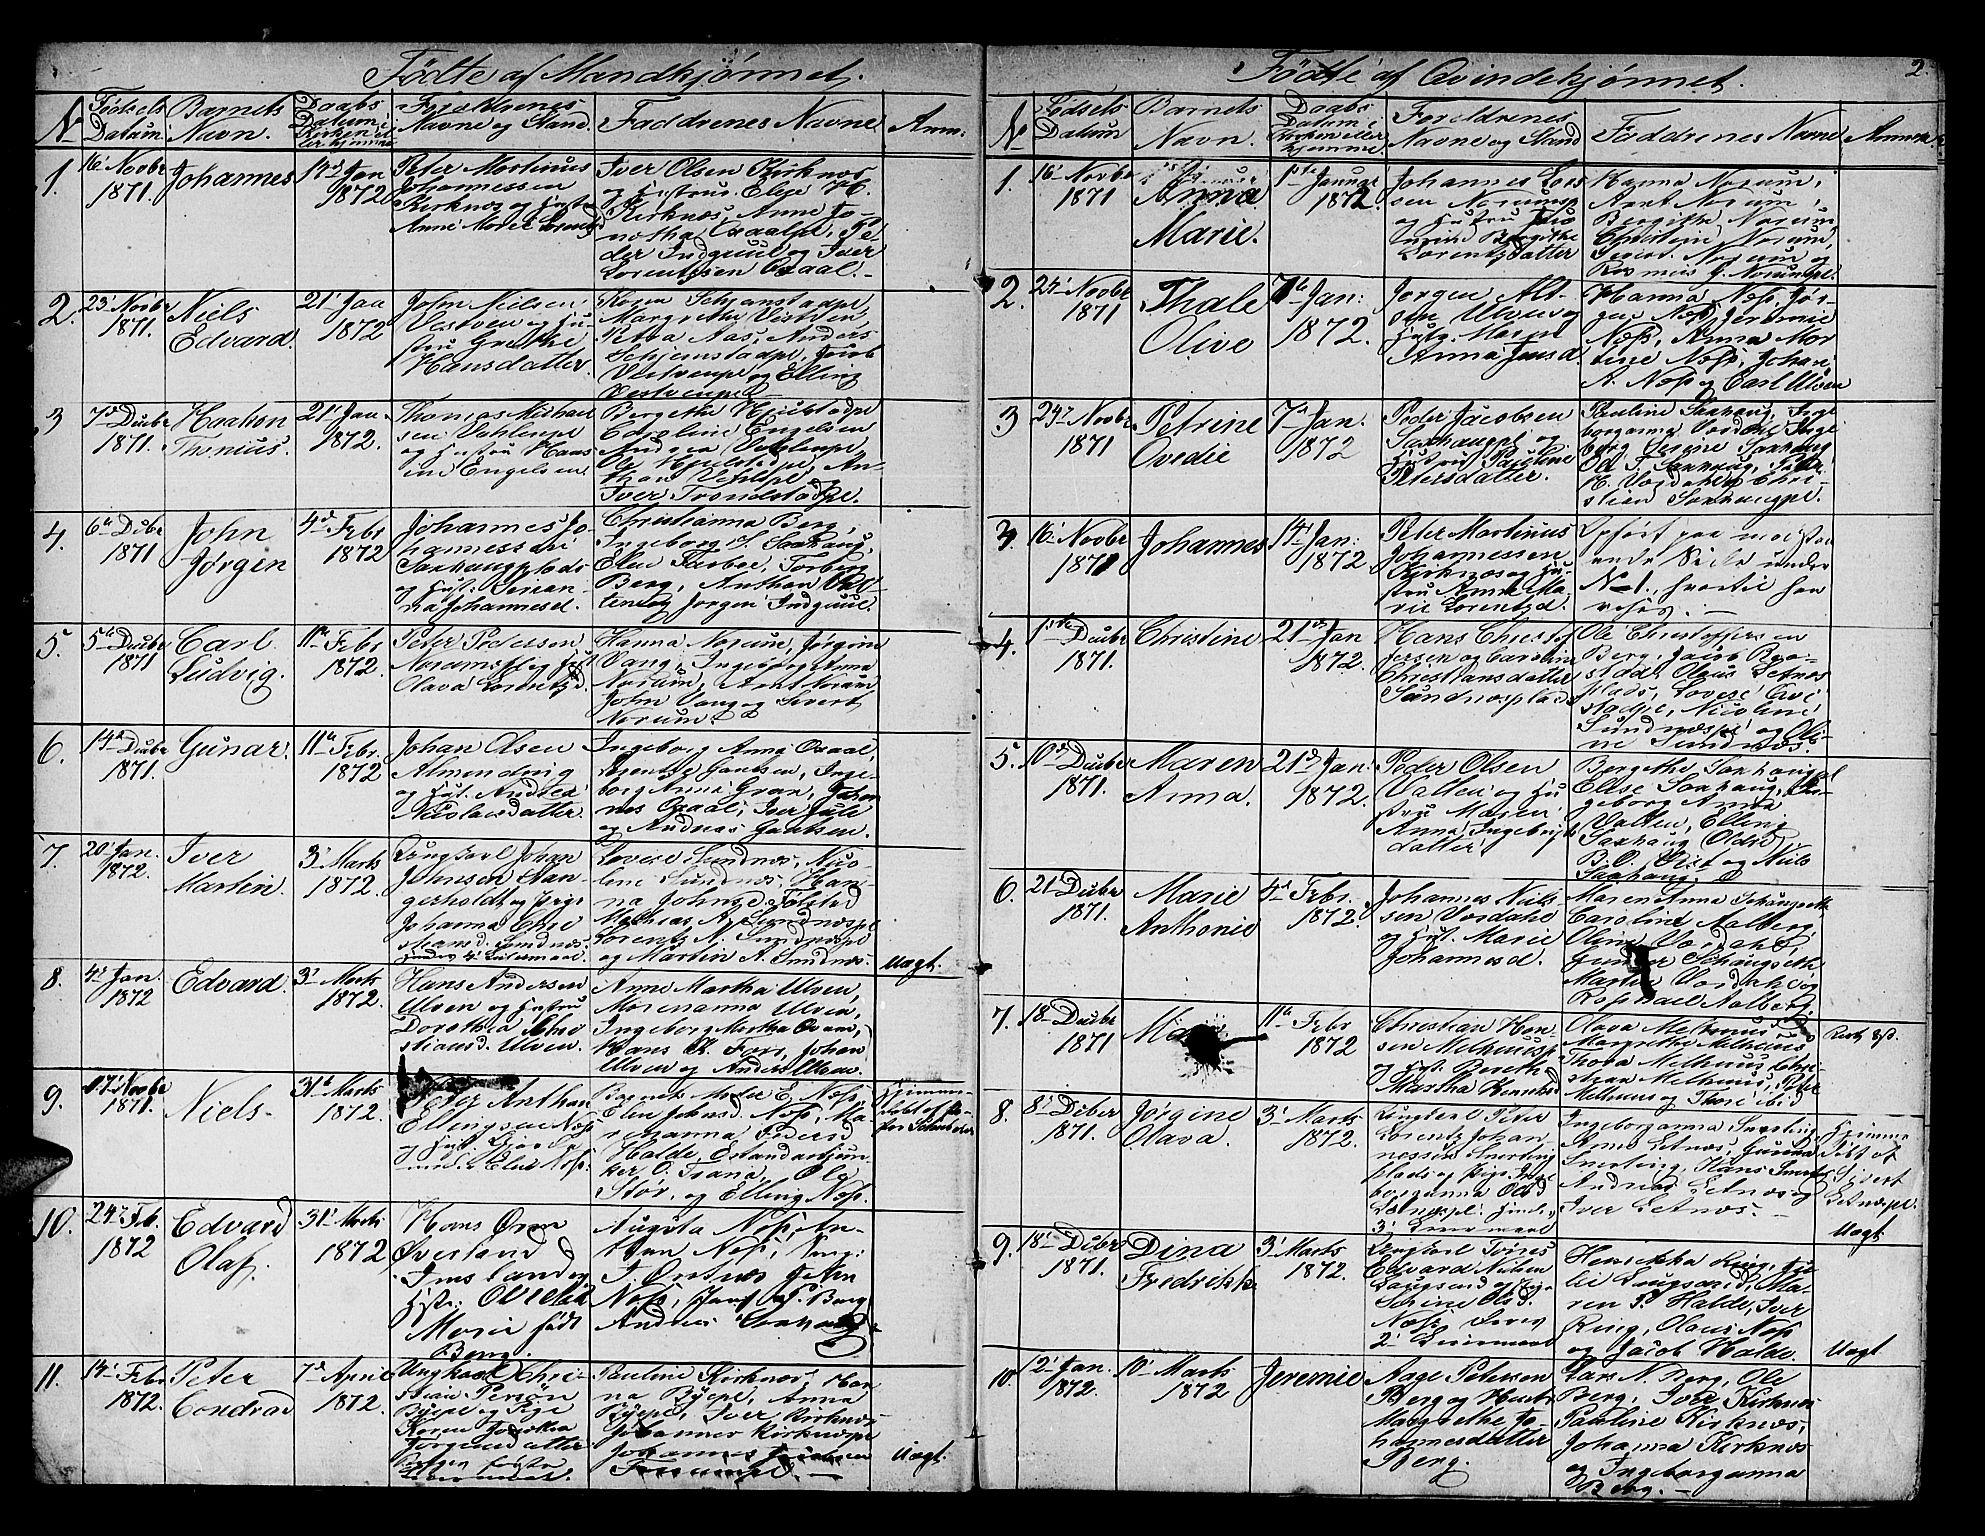 SAT, Ministerialprotokoller, klokkerbøker og fødselsregistre - Nord-Trøndelag, 730/L0300: Klokkerbok nr. 730C03, 1872-1879, s. 2